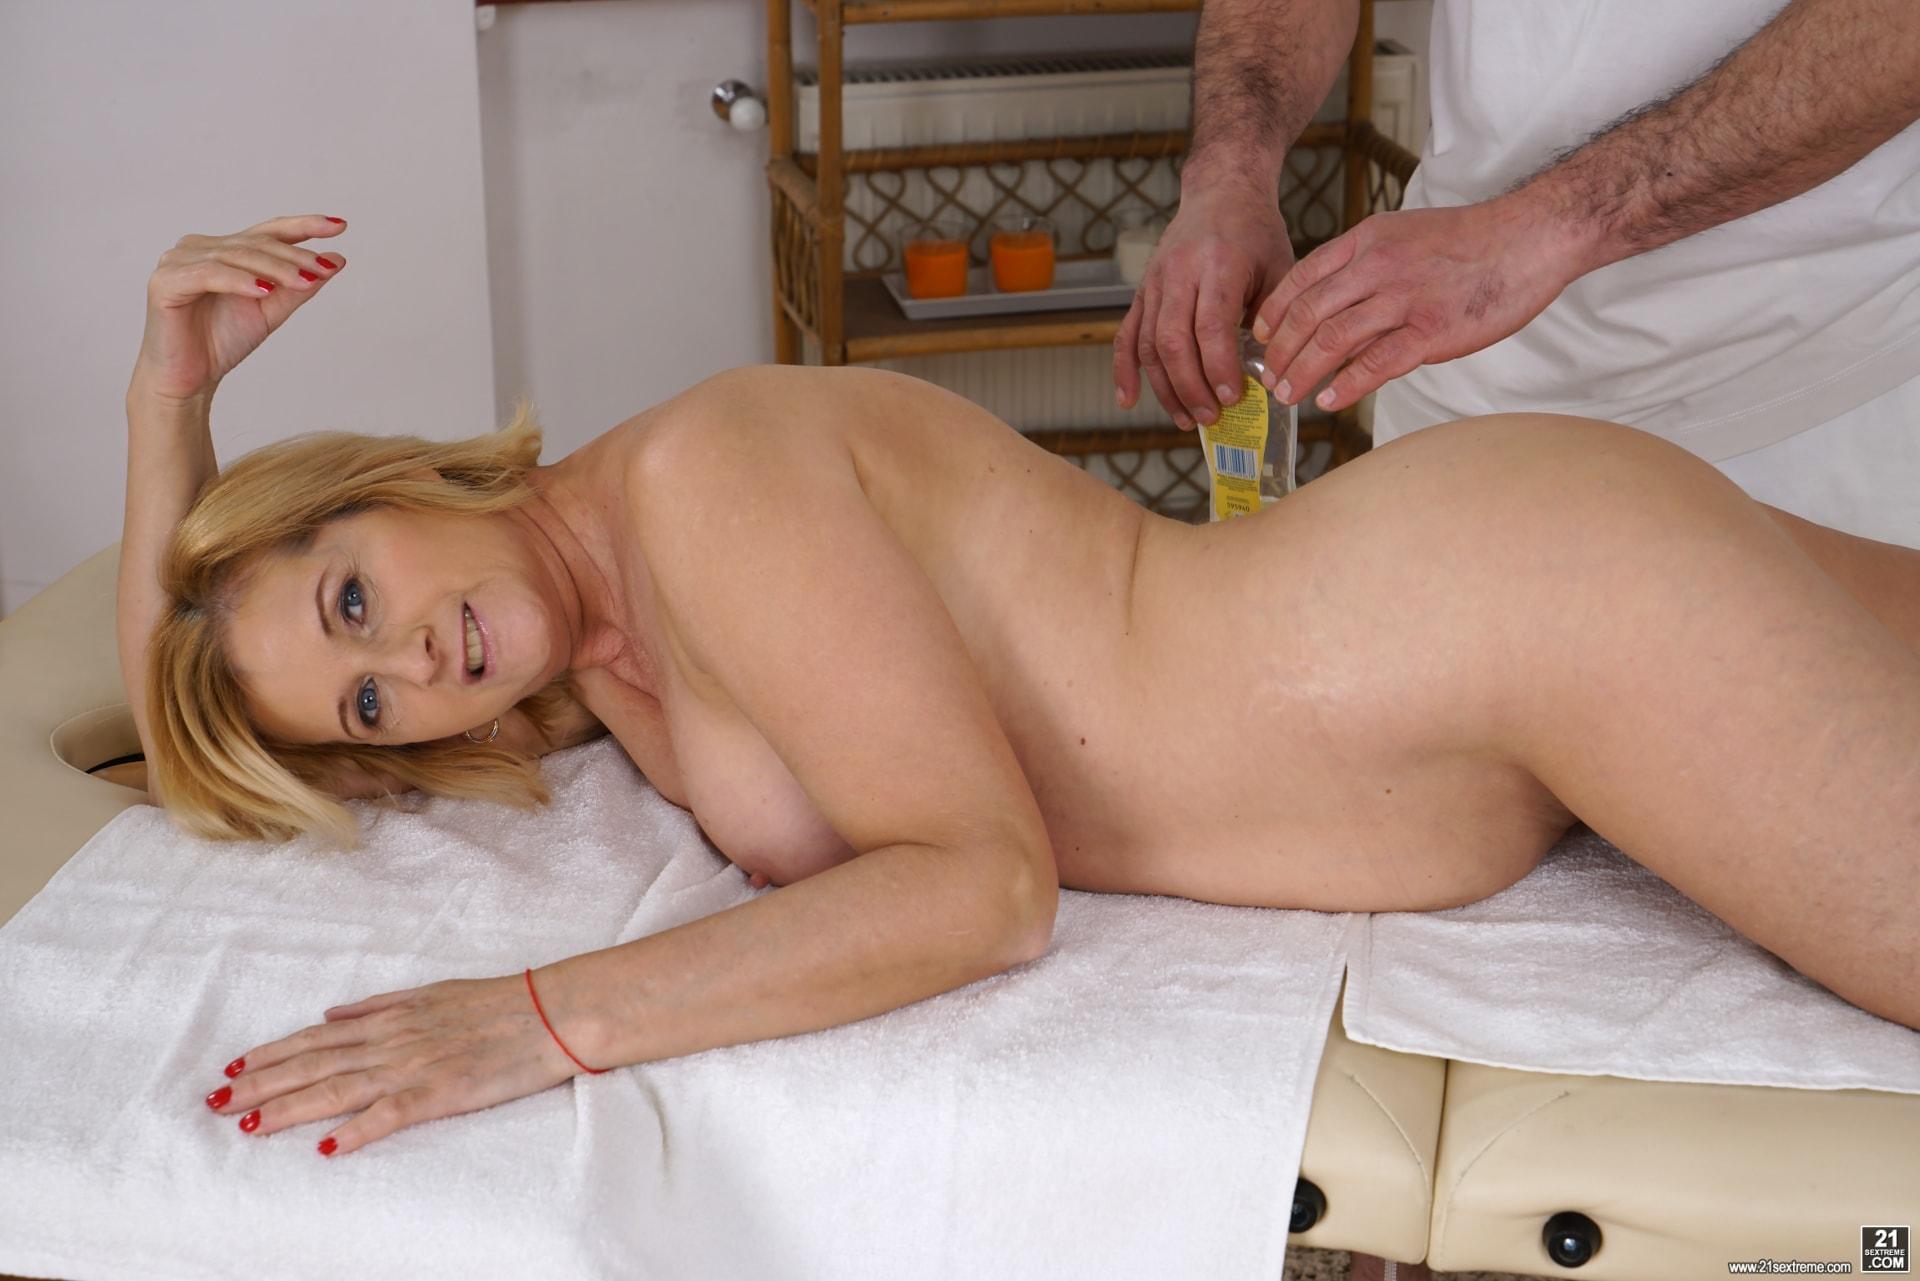 21Sextury 'Jennyfer's Anal Massage' starring Jennyfer (Photo 56)